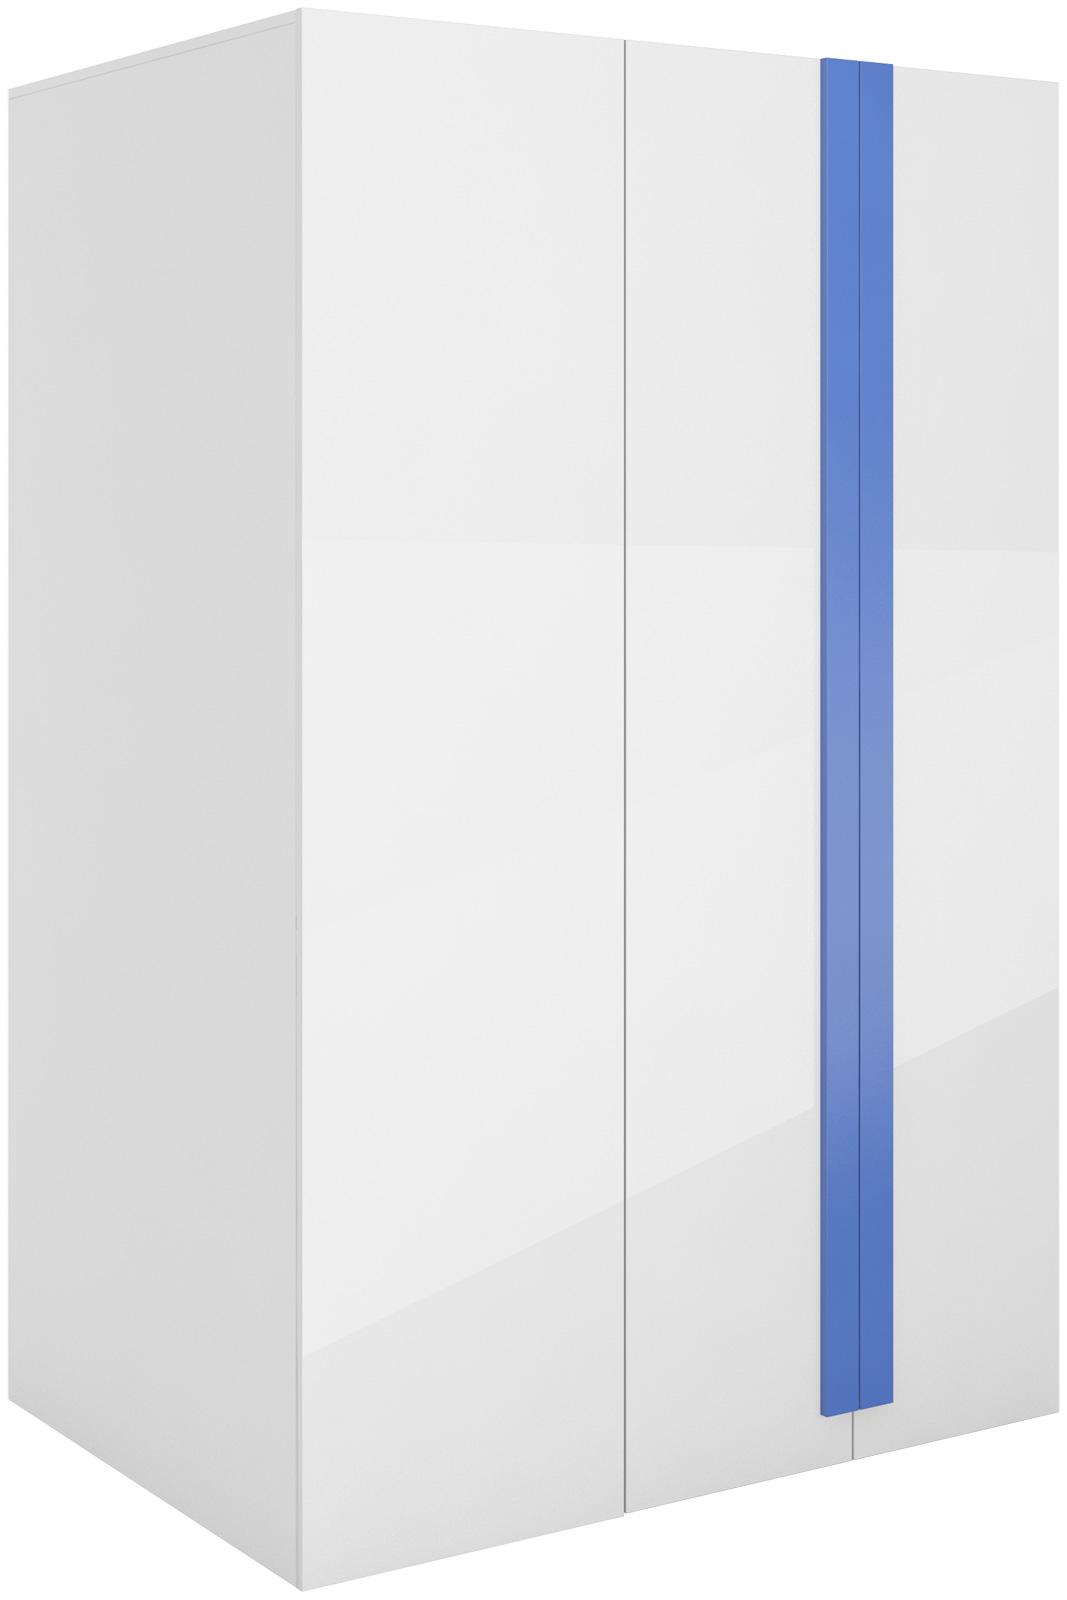 Rohová šatní skříň s osvětlením levá/pravá Yeti Y00